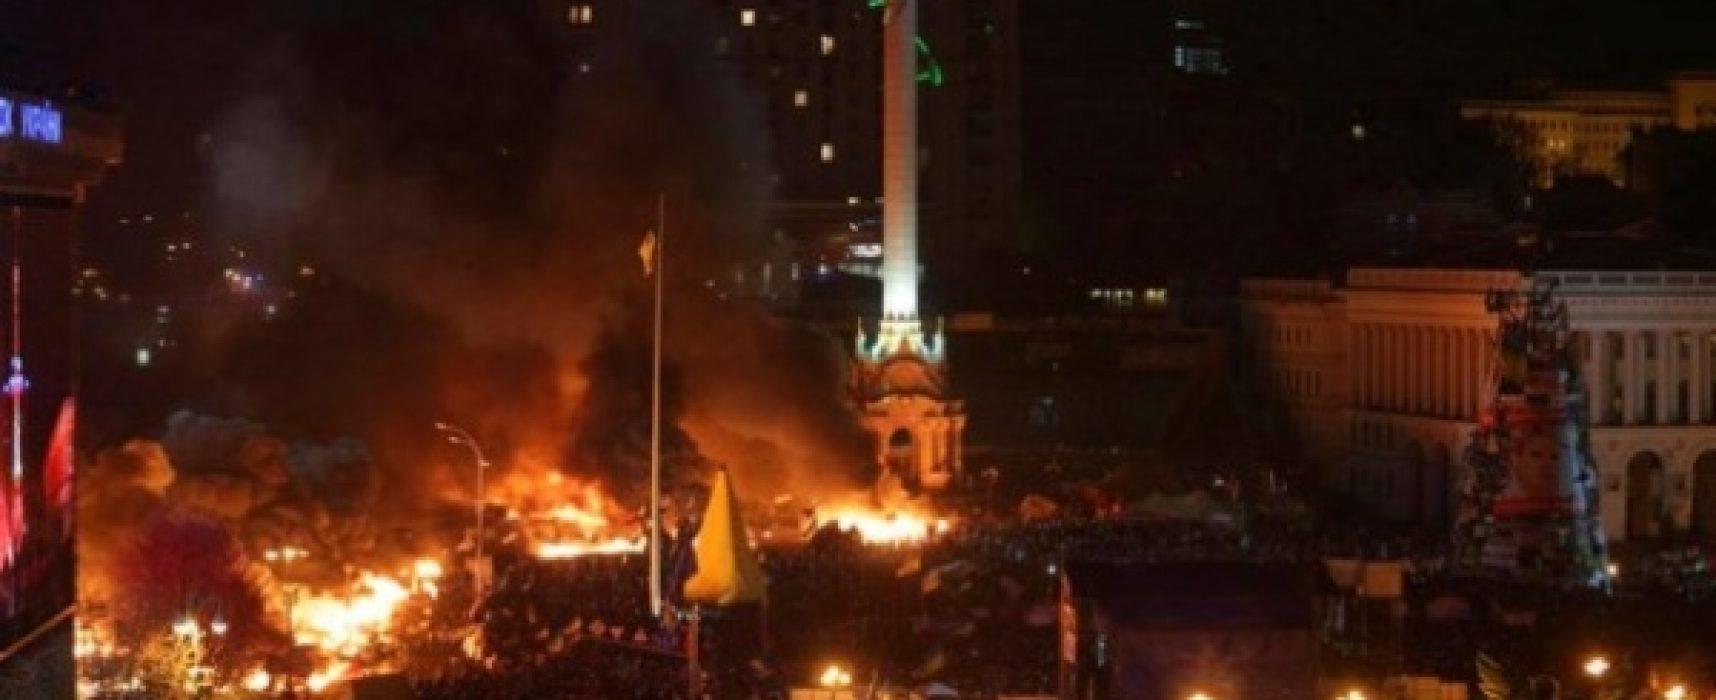 """Фейк на италианския """"CANALE 5"""": """"истини"""" от """"грузински снайперисти"""" за събитията на Майдана (обновена)"""